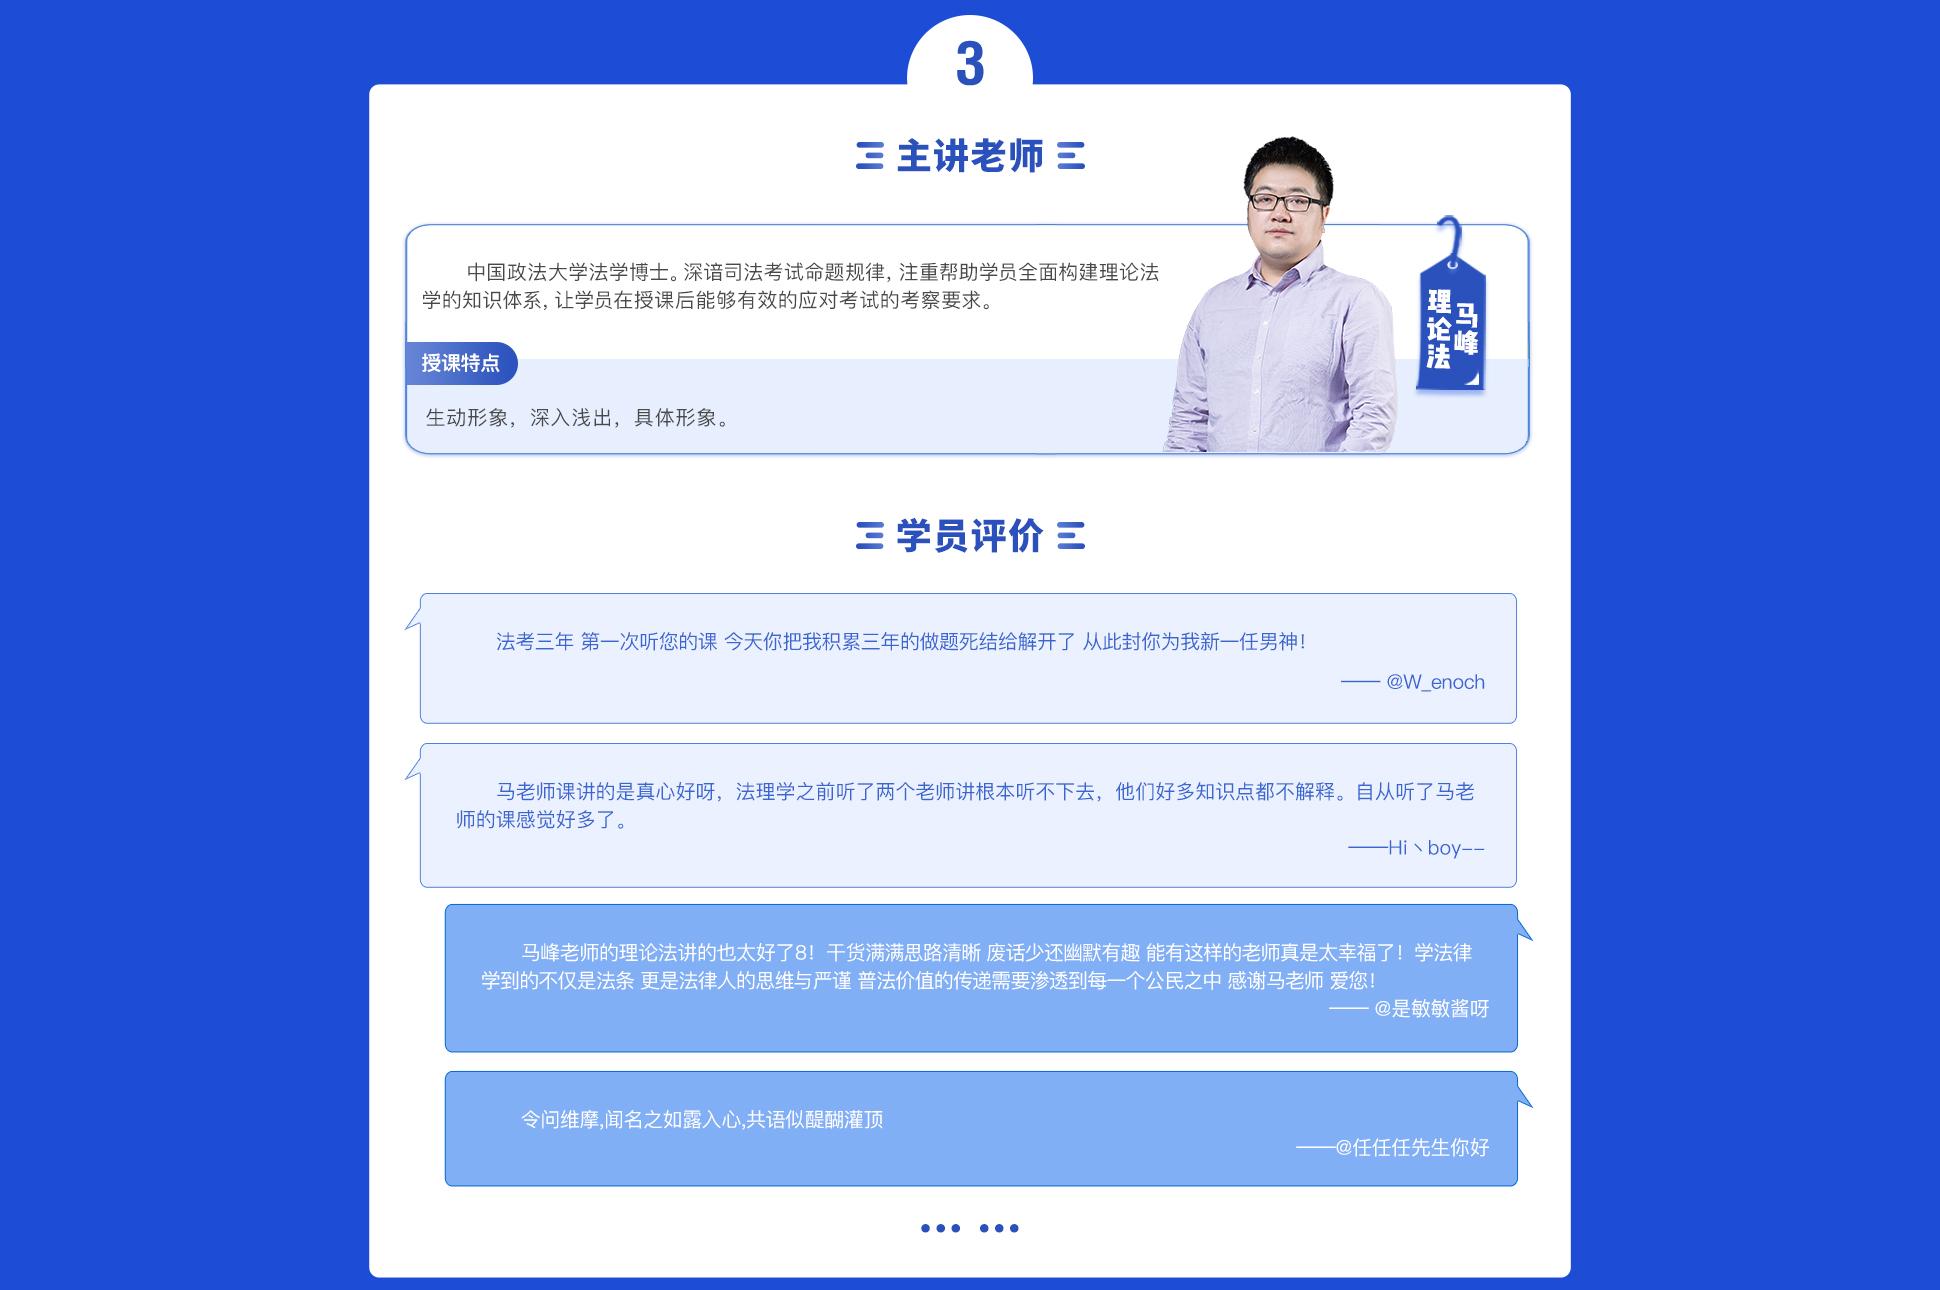 中国特色社会主义法治理论-考前精讲-专题_04.jpg